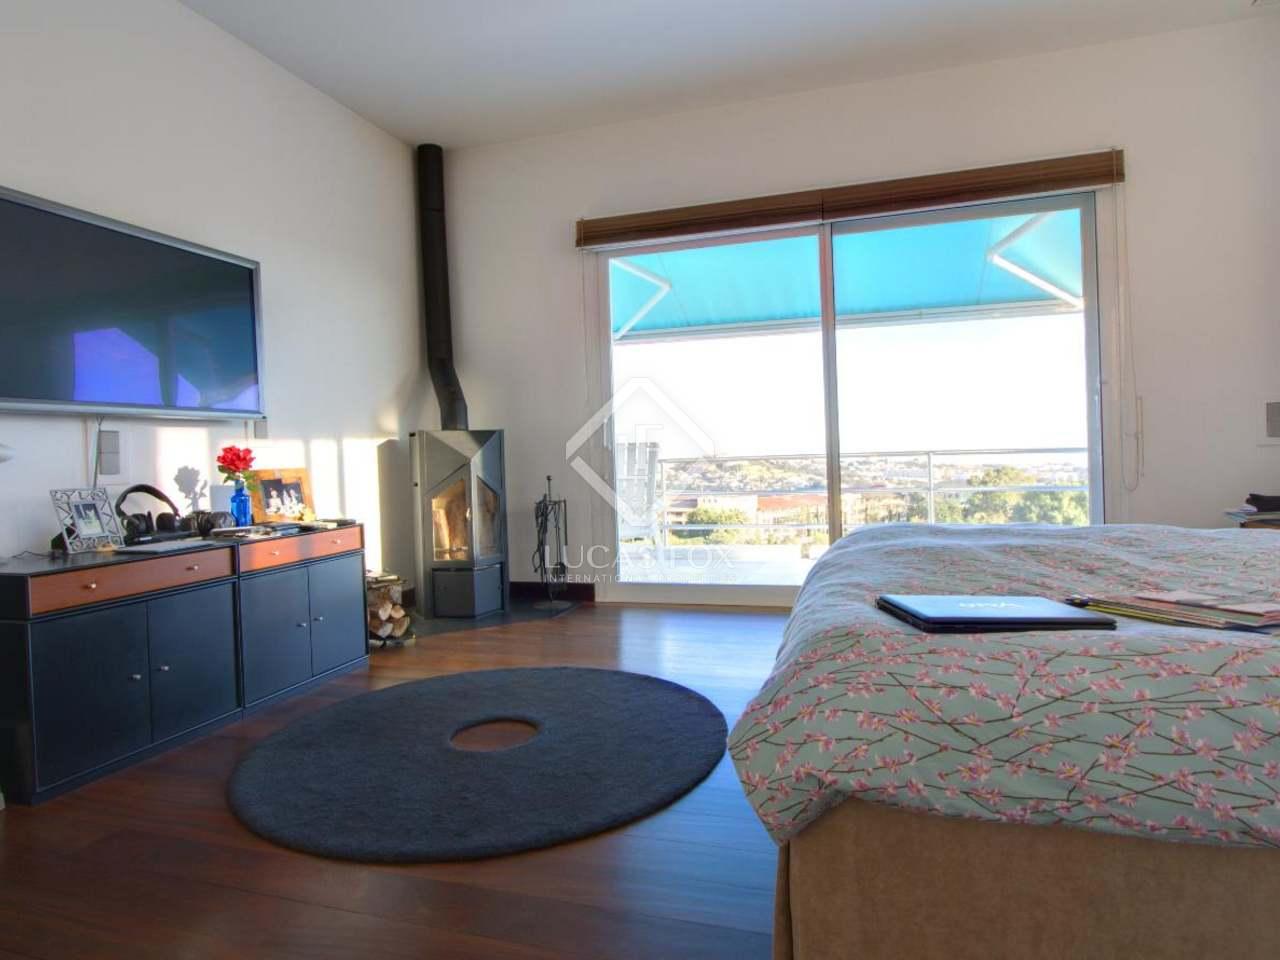 3 slaapkamer villa te koop in benahav s marbella - Eigentijdse stijl slaapkamer ...